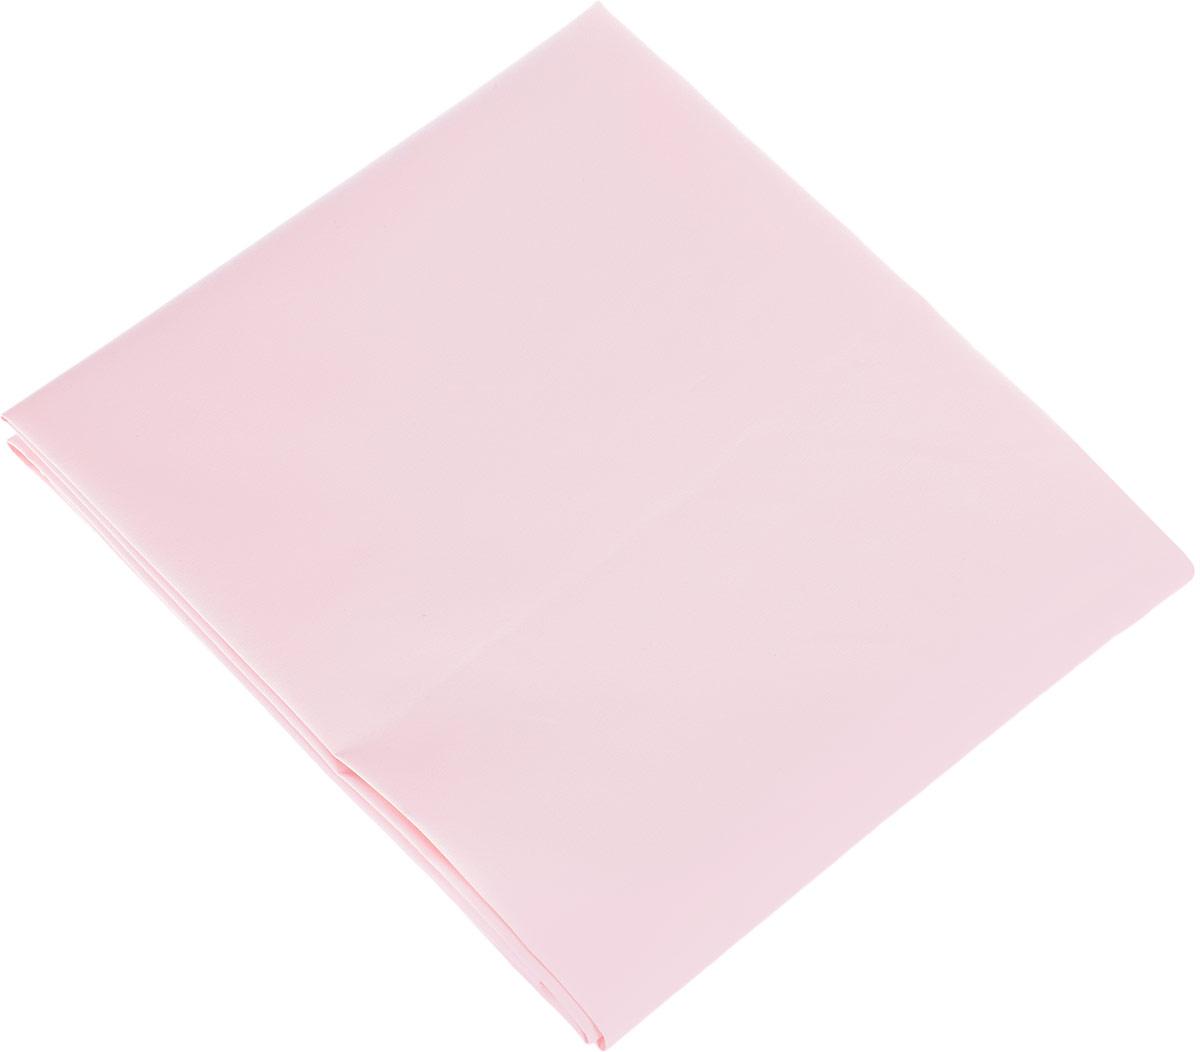 Пелигрин Наматрасник детский цвет розовый 120 х 60 х 10 см531-105Наматрасник Пелигрин с резинками на углах сделан из специальной клеёнки.Непромокаемый дышащий наматрасник надежно защитит кроватку малыша от протеканий и продлит срок службы матраса. Материал, из которого он сделан, обладает отличной теплопроводностью и паропроницаемостью. Он быстро приобретает температуру тела. тем самым устраняя эффект холодного прикосновения. А это значит, что вашему крохе будет всегда уютно в своей кроватке.Допускается машинная стирка при температуре 30 градусов, не требует глажки.